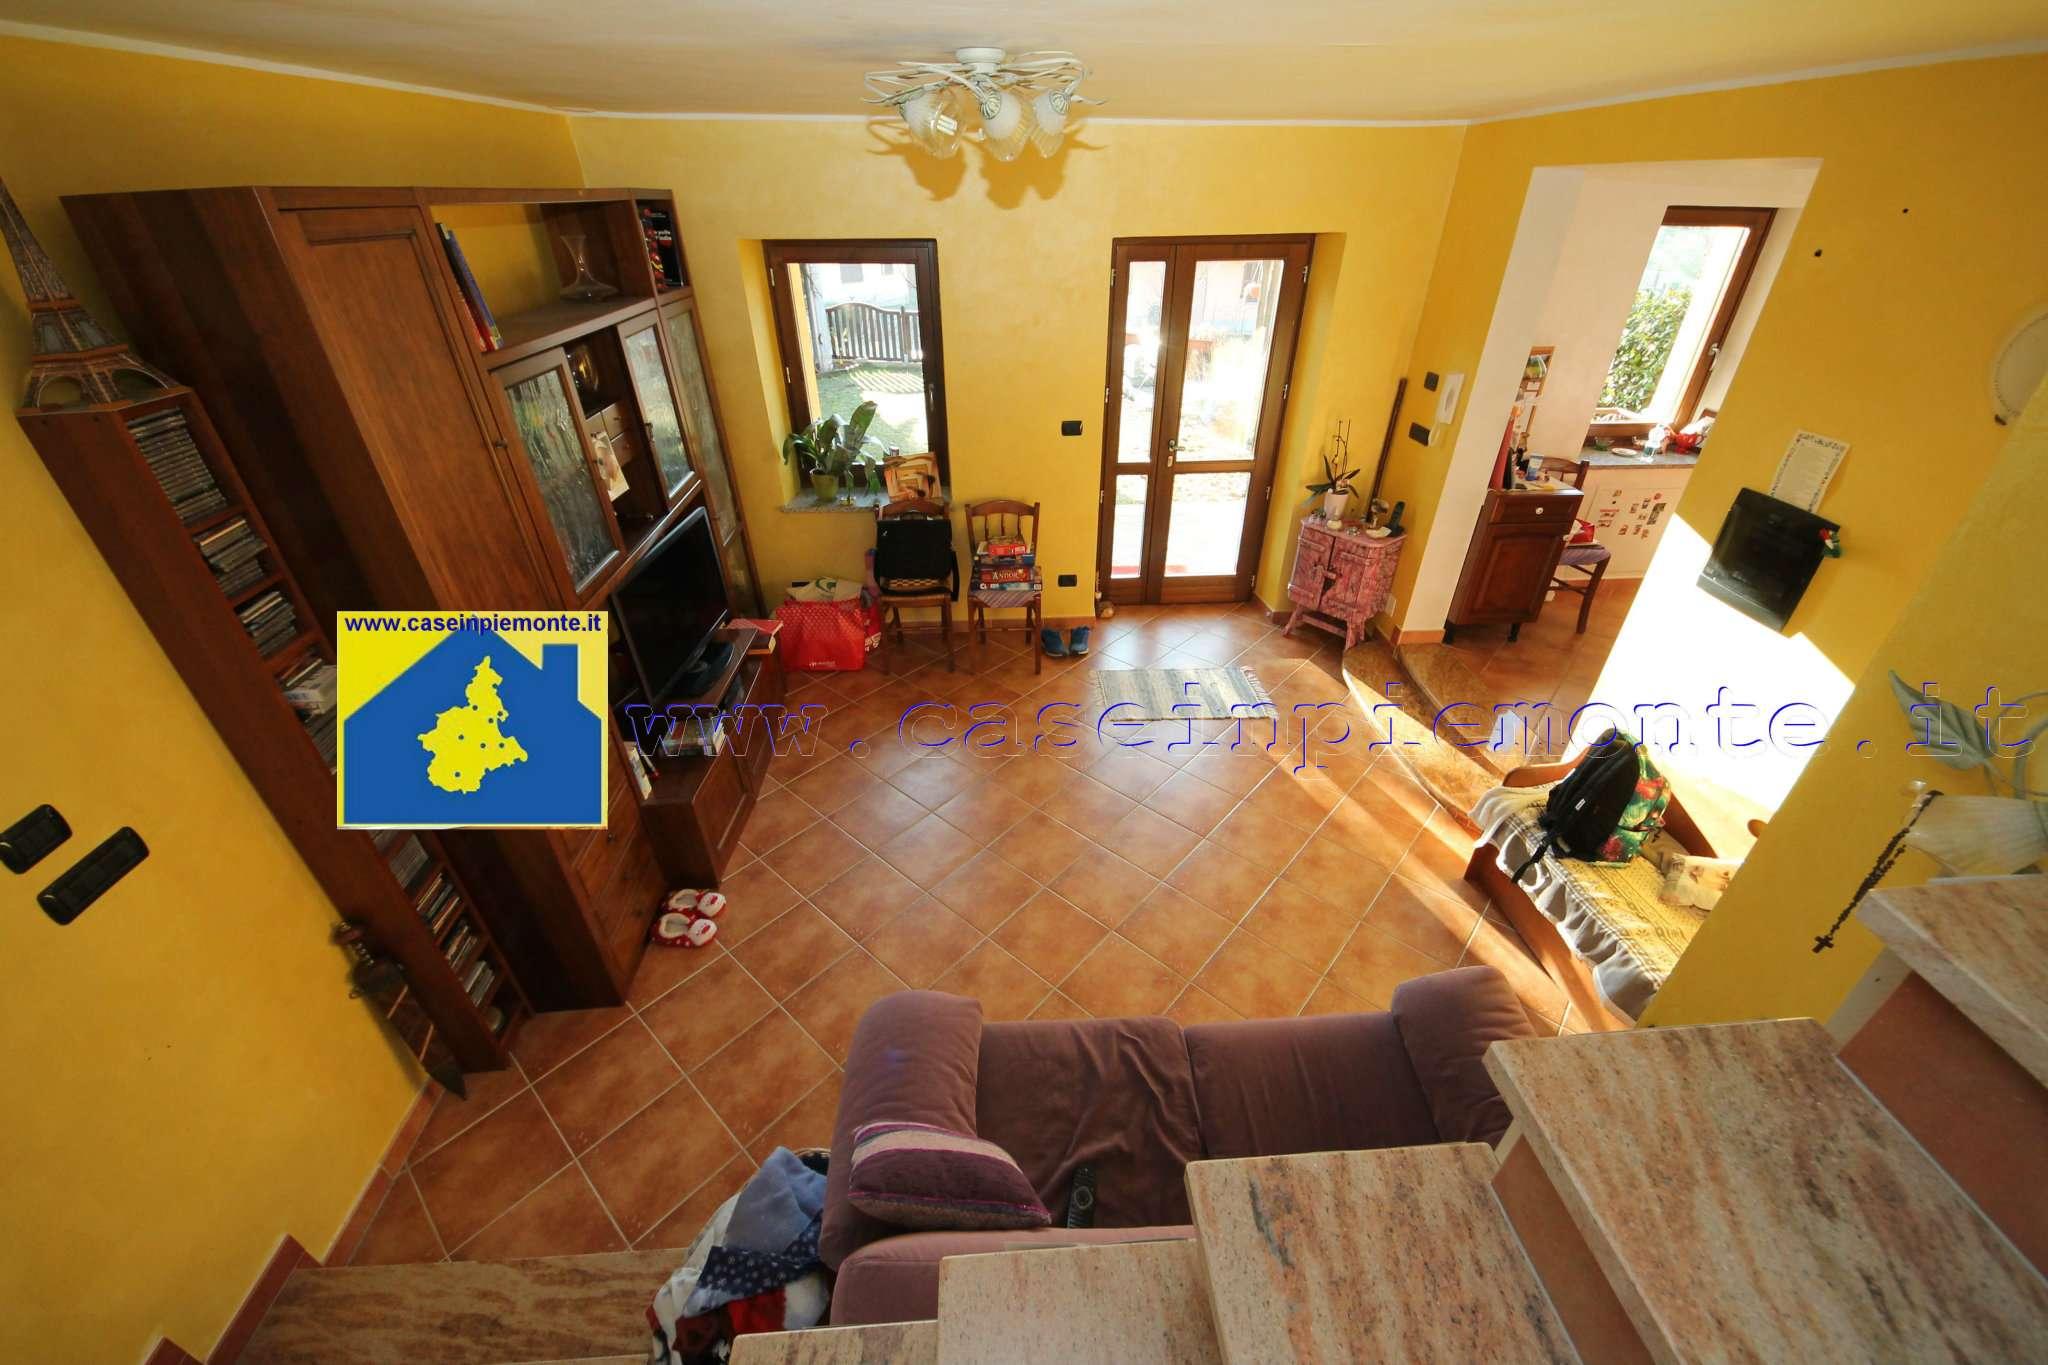 Soluzione Indipendente in vendita a Val della Torre, 4 locali, prezzo € 255.000   CambioCasa.it